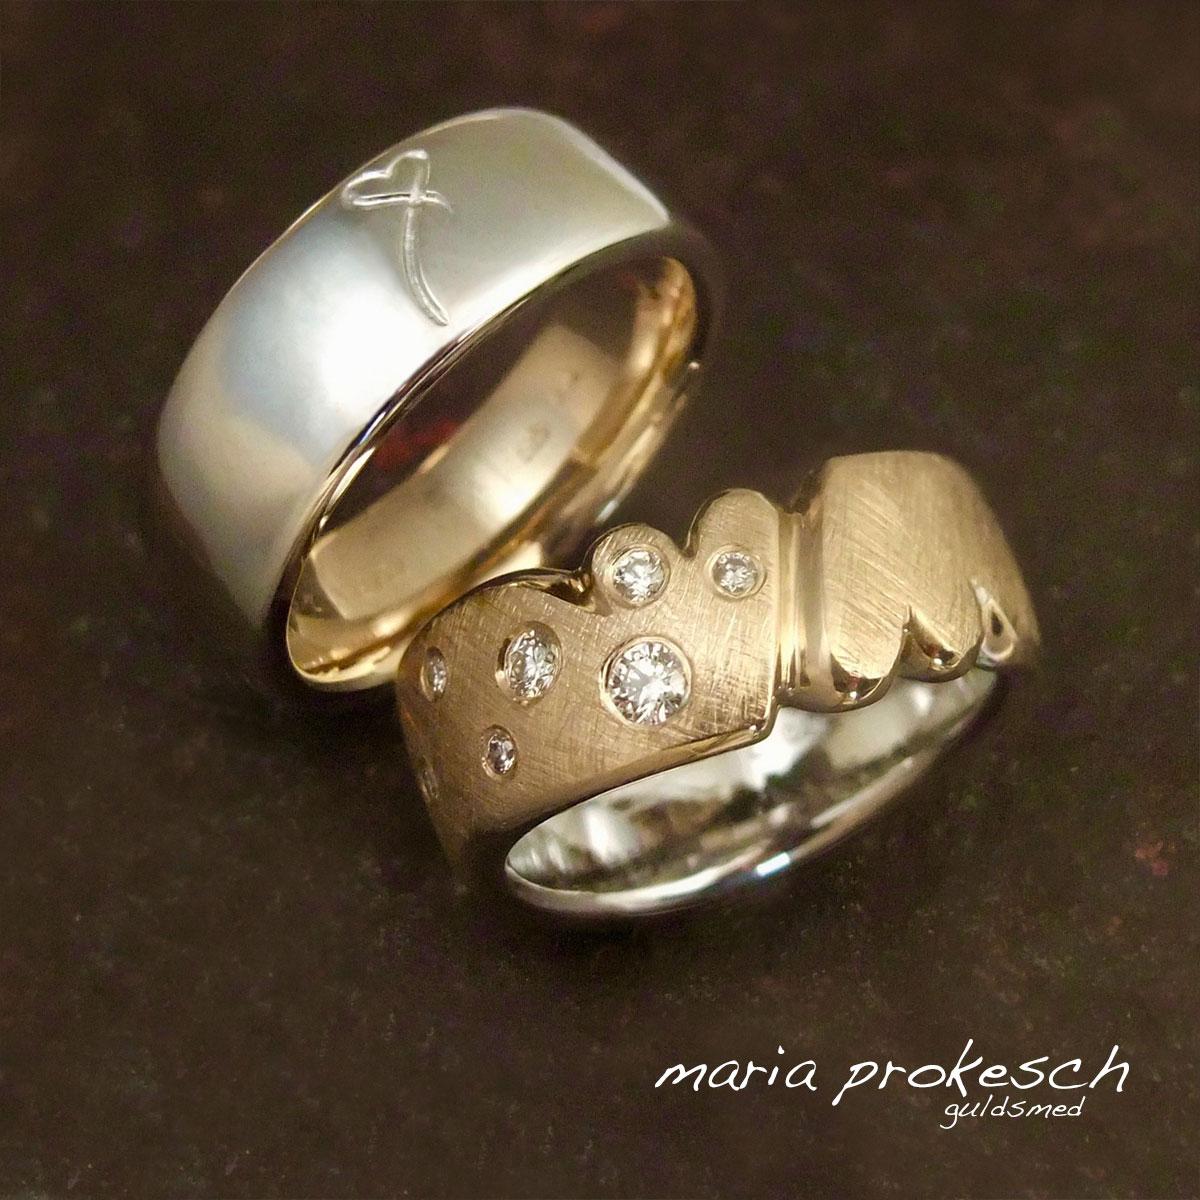 Personlige vielsesringe med samhørighed og hjerter. Hendes ring med rødguld yderst og hvidguld inderst, hans omvendt. I hendes ring er der to hjerter filet utraditionelt, og med brillanter. På hans ring et hjerte som hun har tegnet til ham.